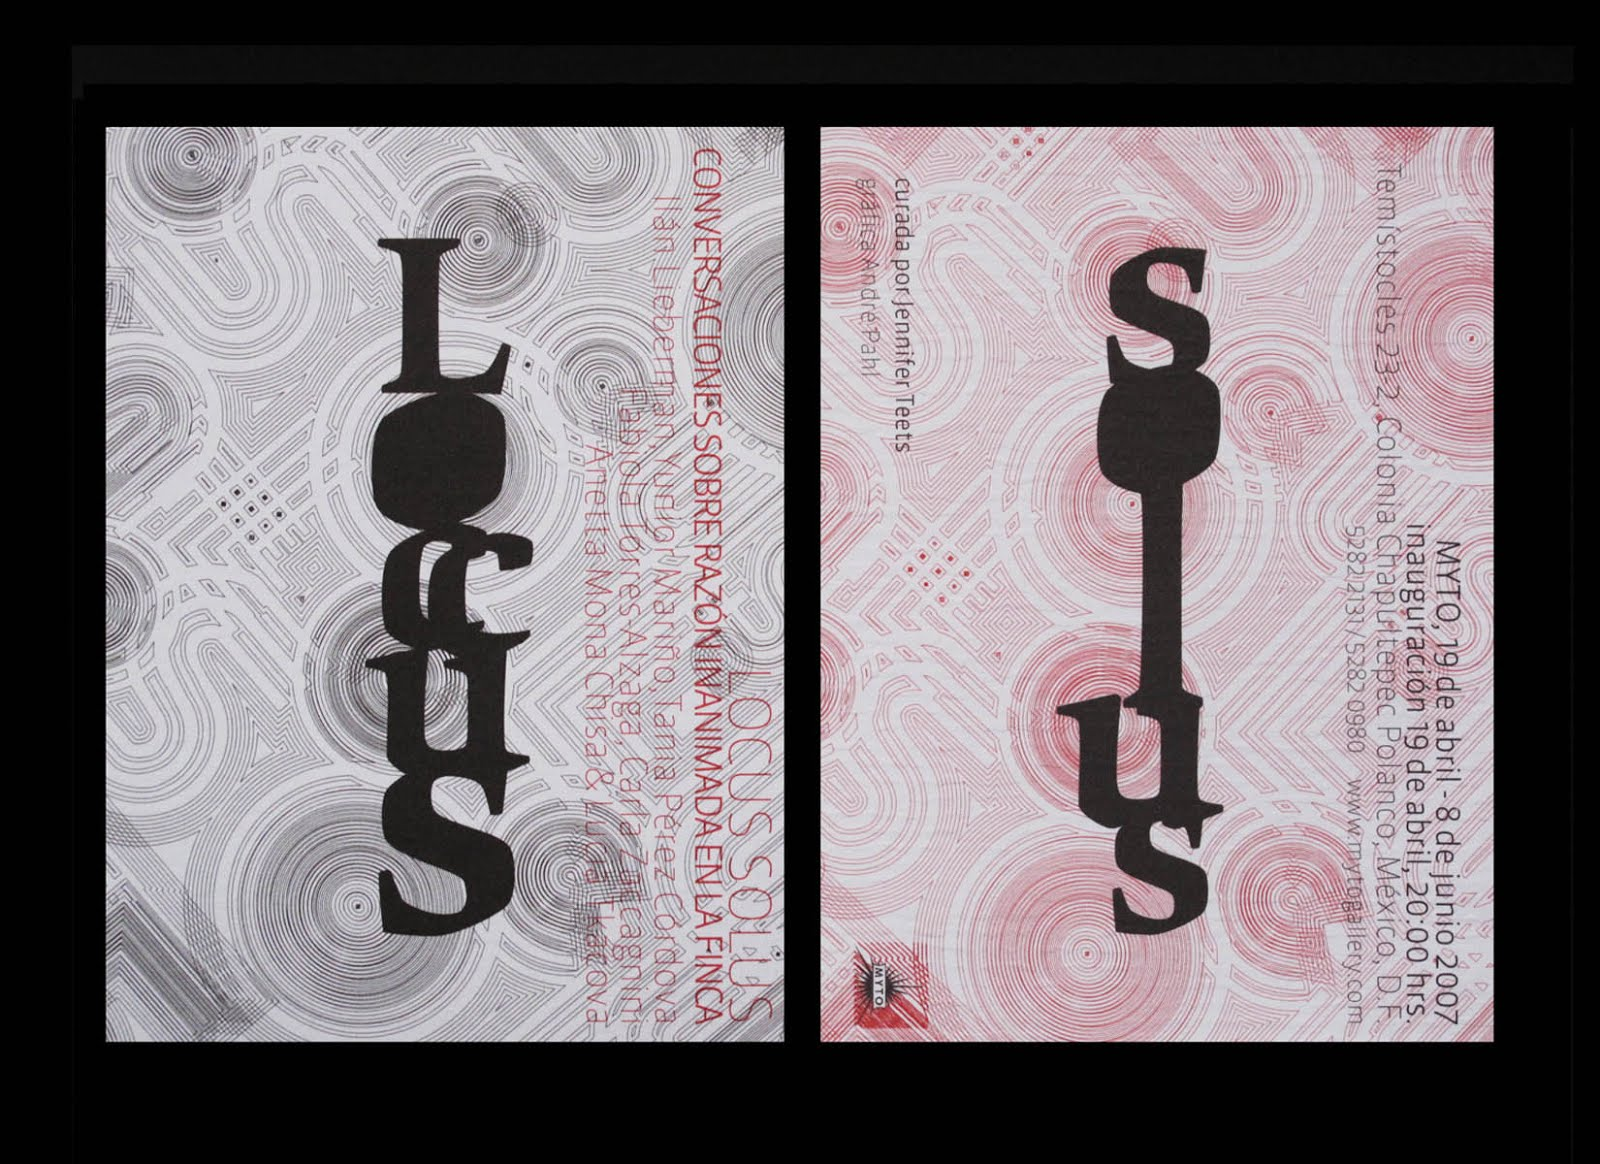 Locus Solus, 2007